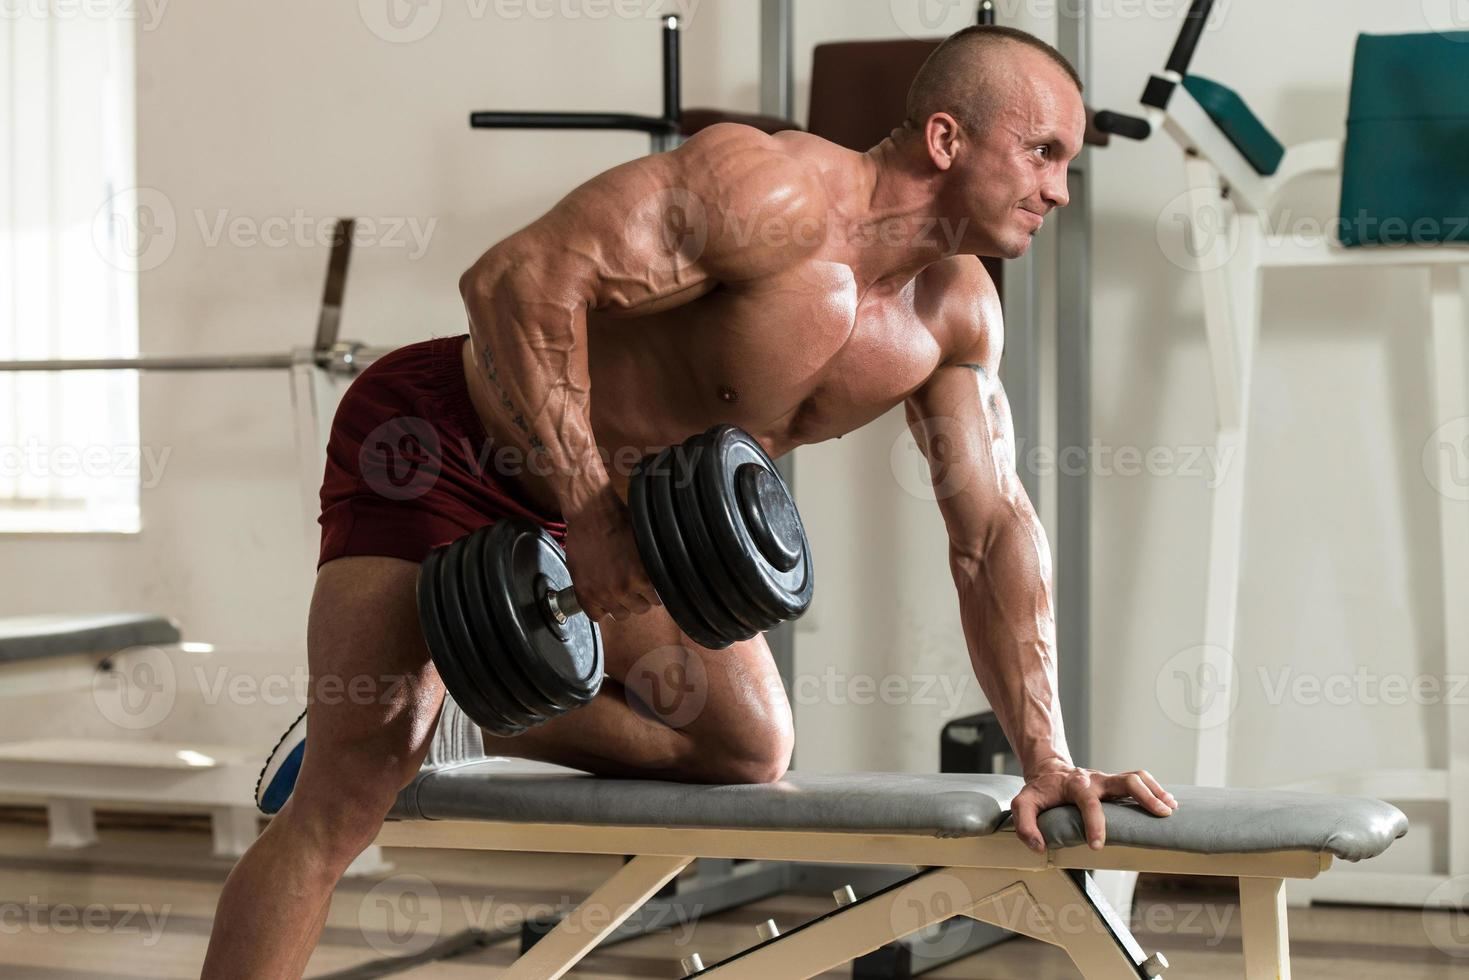 gesunder Mann, der Rückenübungen mit Hantel macht foto